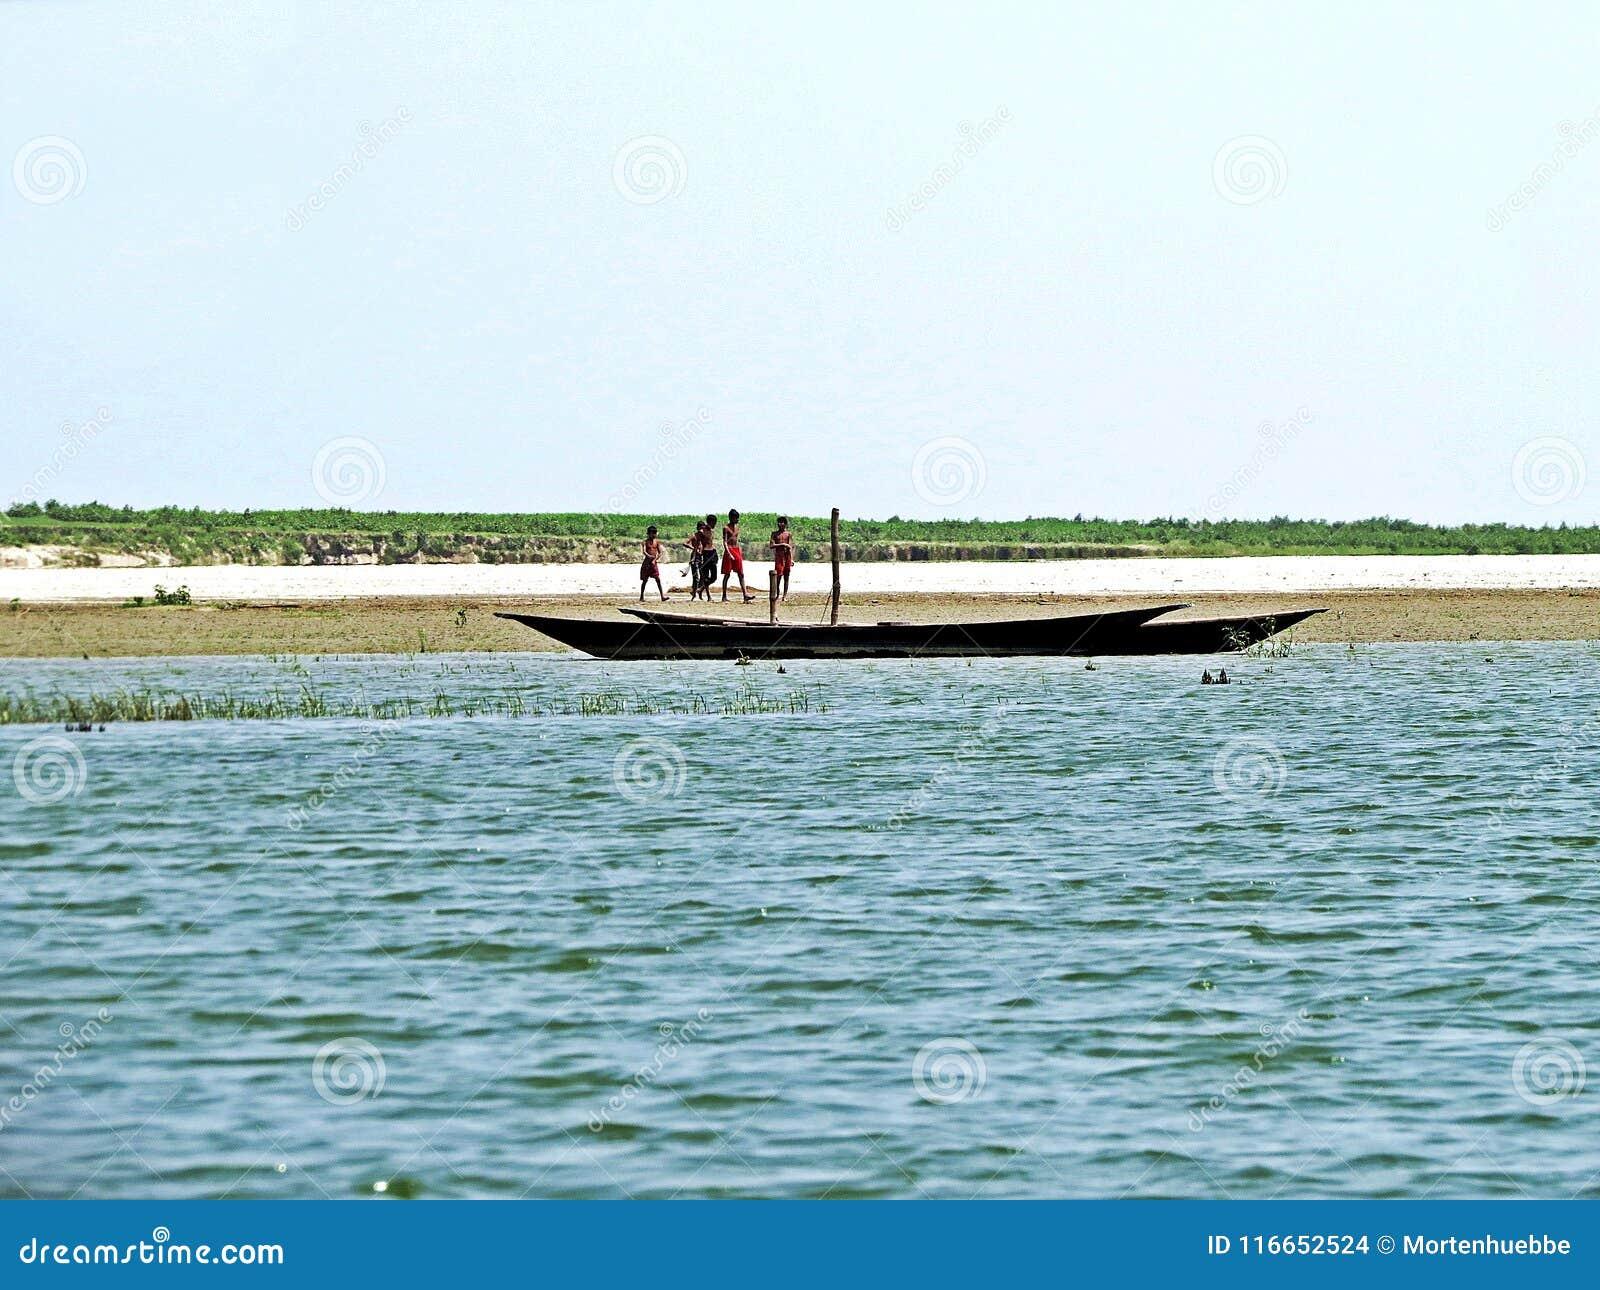 Rivière de Yamuna, le fleuve Brahmapoutre, Bogra, Bangladesh